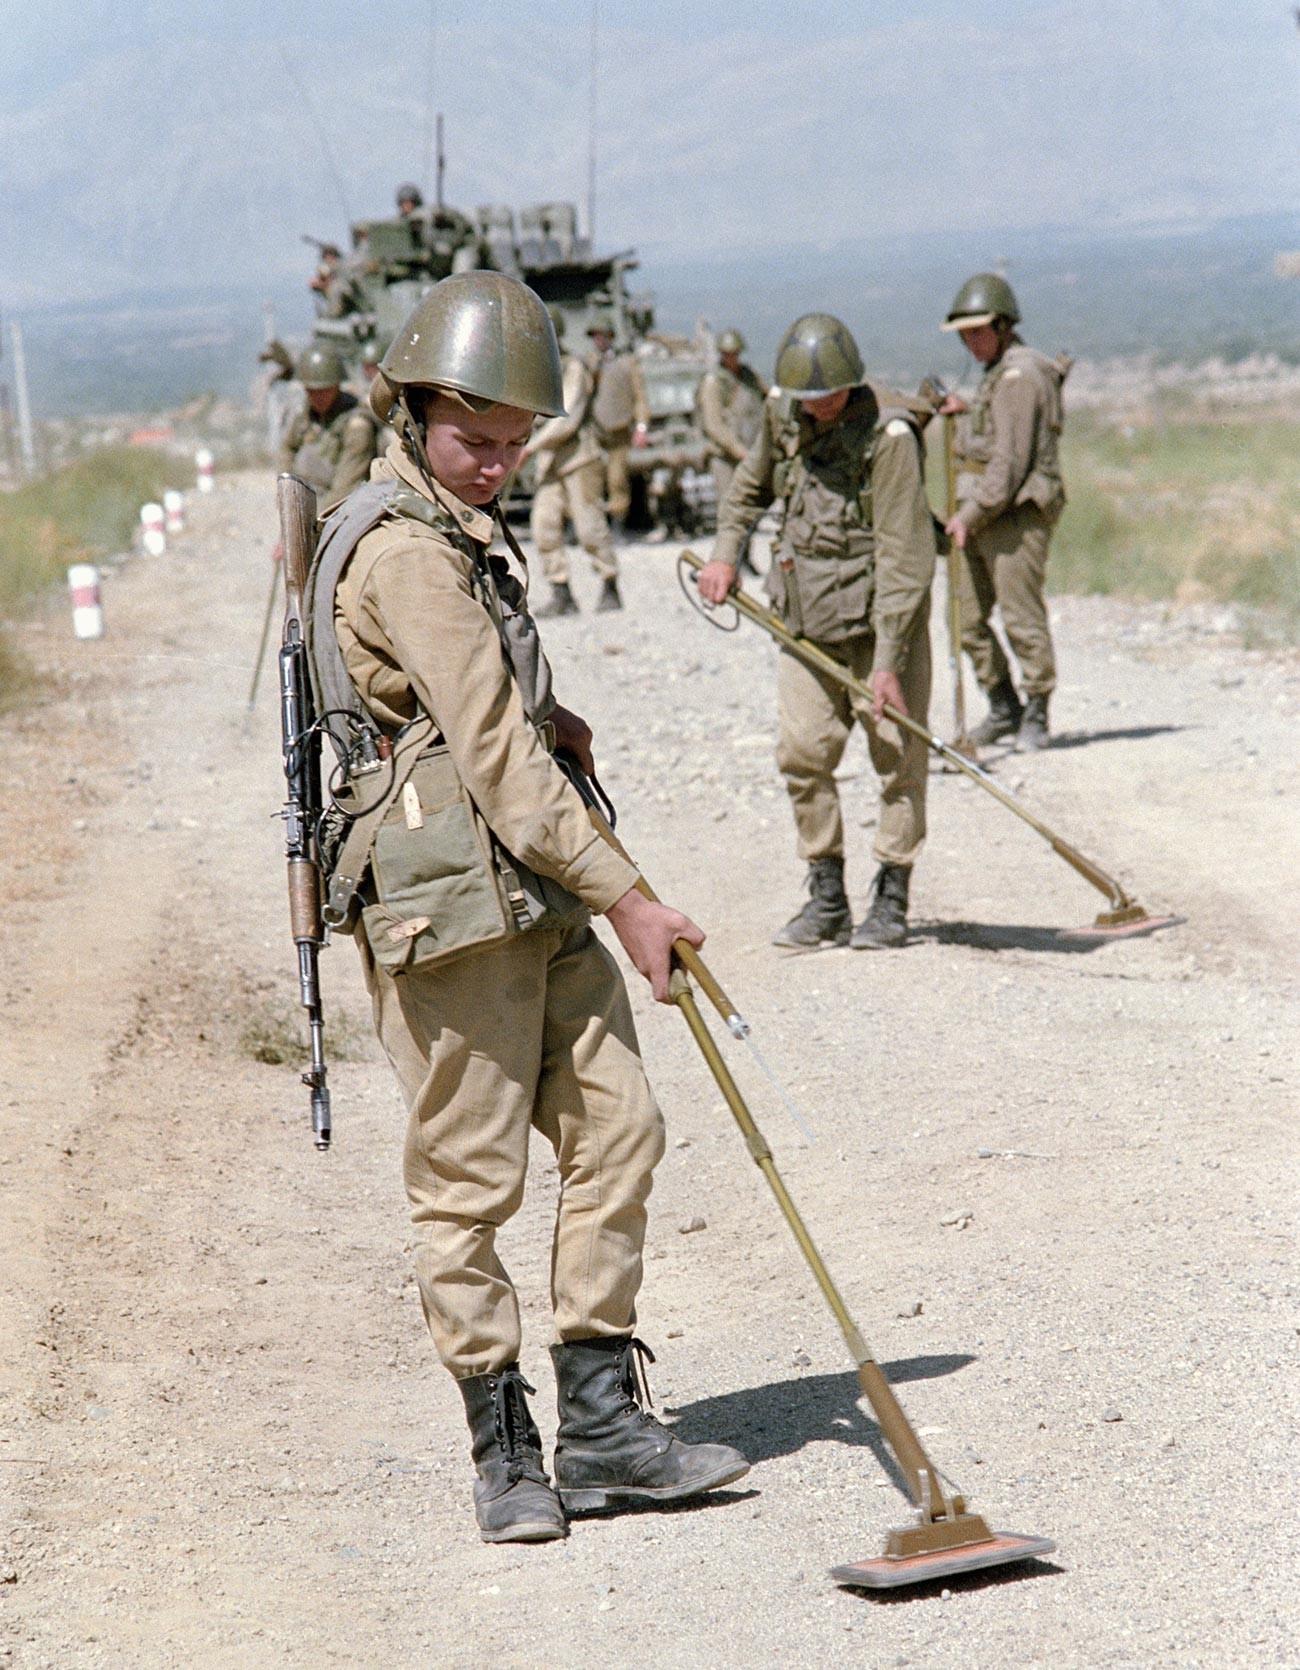 Soviet troops demine a road in Afghanistan.